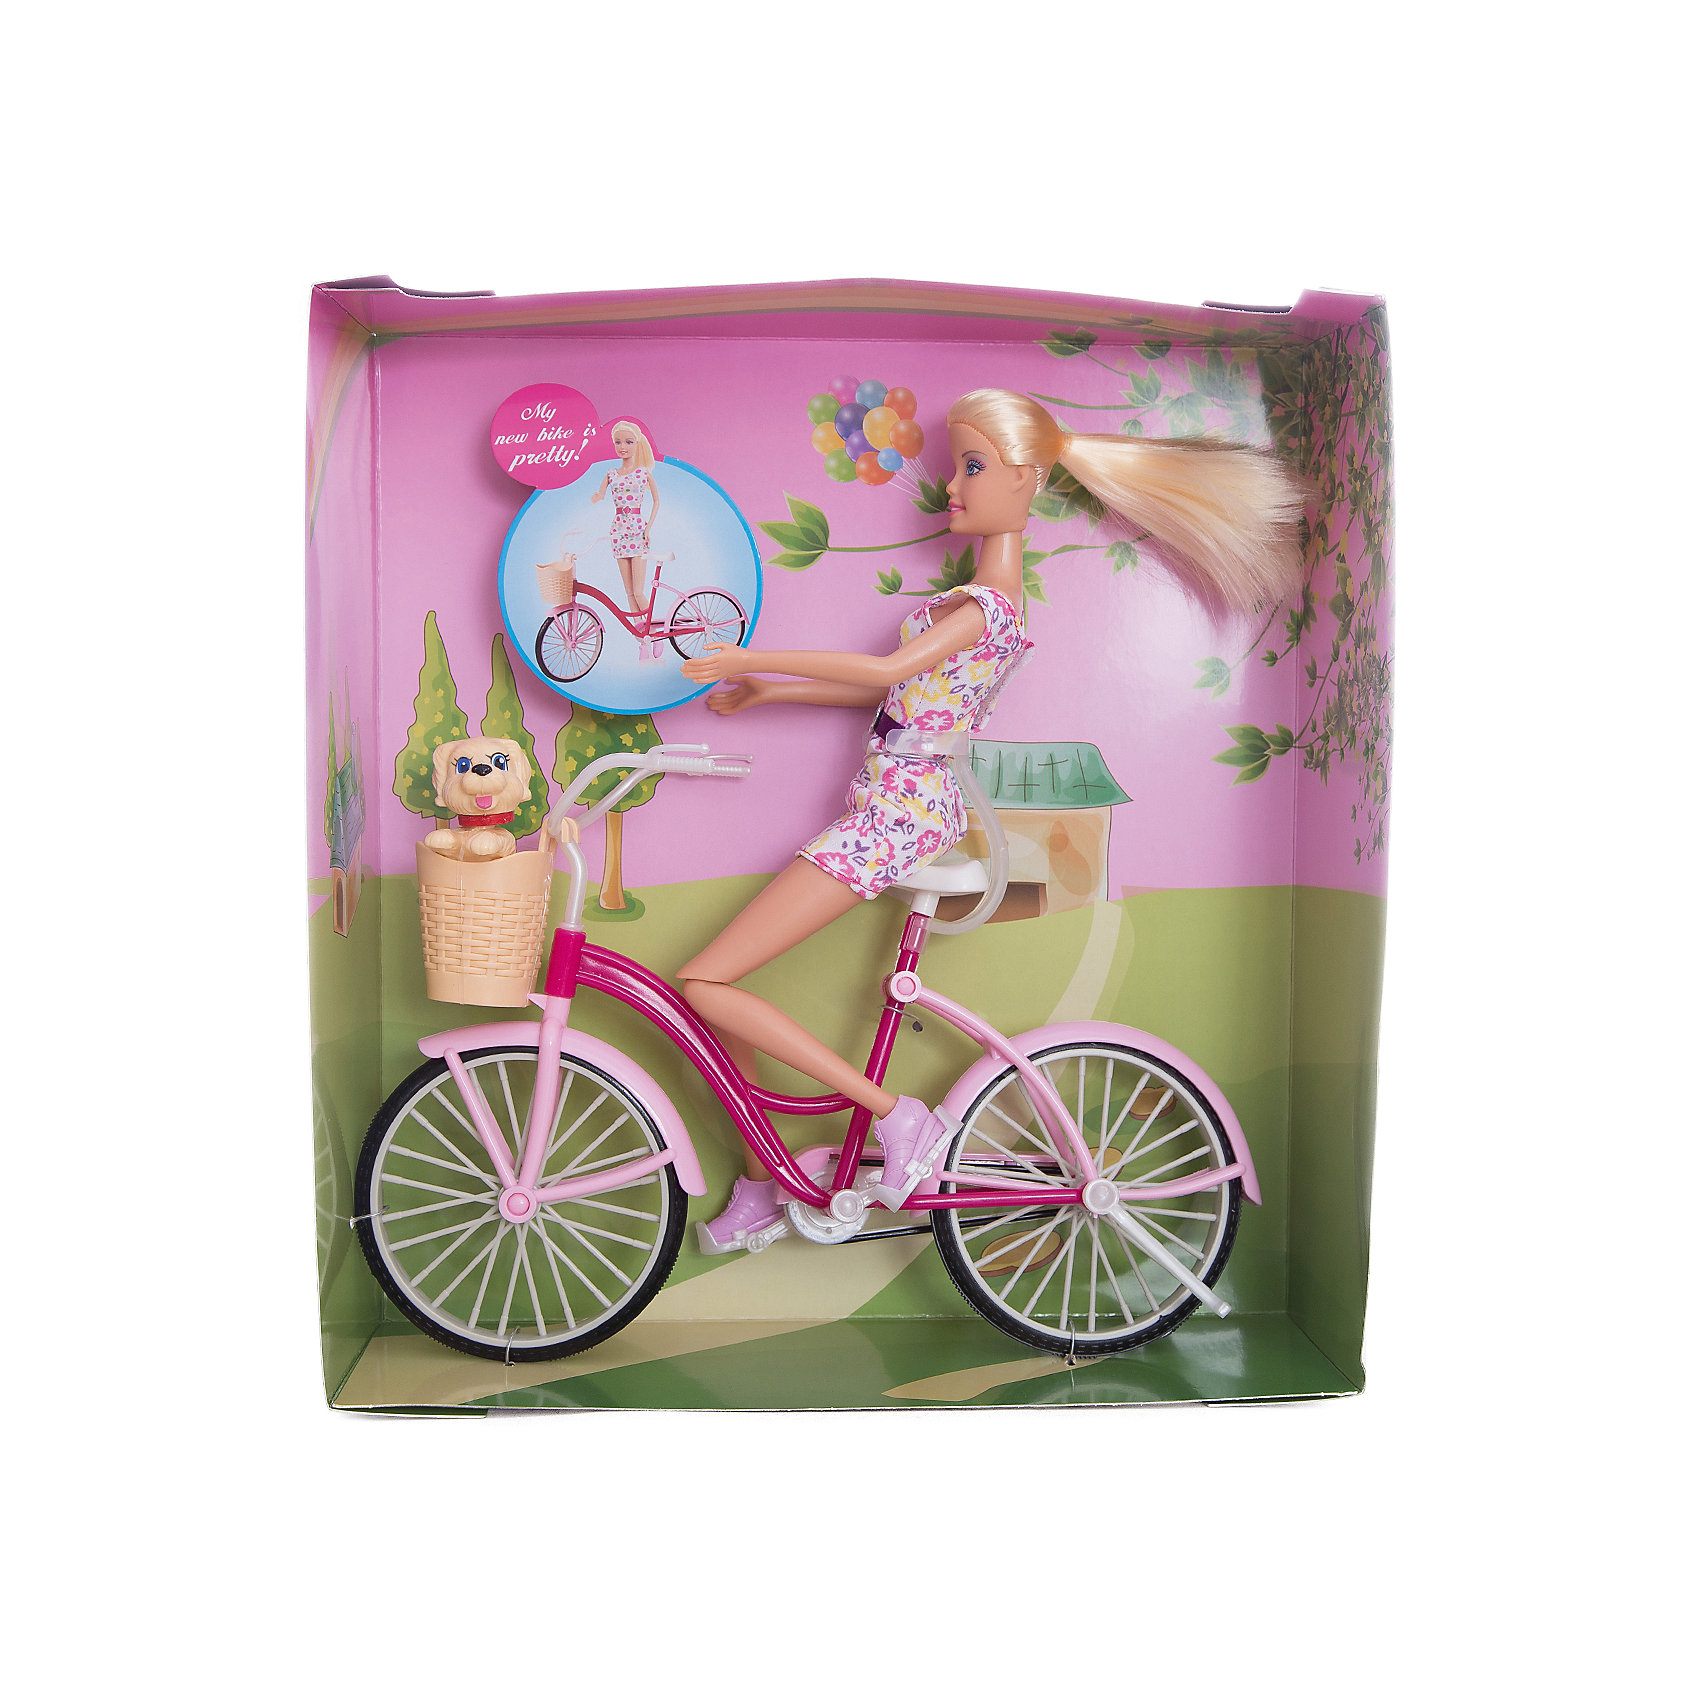 Кукла Велопрогулка, 27 см, Defa LucyКуклы-модели<br>Характеристики товара:<br><br>• возраст от 3 лет;<br>• материал: пластик, текстиль;<br>• в комплекте: кукла, собачка, велосипед;<br>• у куклы подвижные ноги<br>• высота куклы 27 см;<br>• размер упаковки 31,5х29х9,5 см;<br>• вес упаковки 580 гр.;<br>• страна производитель: Китай.<br><br>Кукла «Велопрогулка» Defa Lucy — куколка, одетая в стильное платье с поясом и розовые туфельки. Кукла любит заниматься спортом и летом часто выходит покататься на велосипеде. Ее всегда сопровождает любимый питомец — маленькая собачка. С куклой девочка может придумывать свои истории для игр. У куклы подвижные ноги, мягкие волосы, которые можно расчесать и заплести.<br><br>Куклу «Велопрогулка» Defa Lucy можно приобрести в нашем интернет-магазине.<br><br>Ширина мм: 290<br>Глубина мм: 95<br>Высота мм: 315<br>Вес г: 580<br>Возраст от месяцев: 36<br>Возраст до месяцев: 72<br>Пол: Женский<br>Возраст: Детский<br>SKU: 5581291